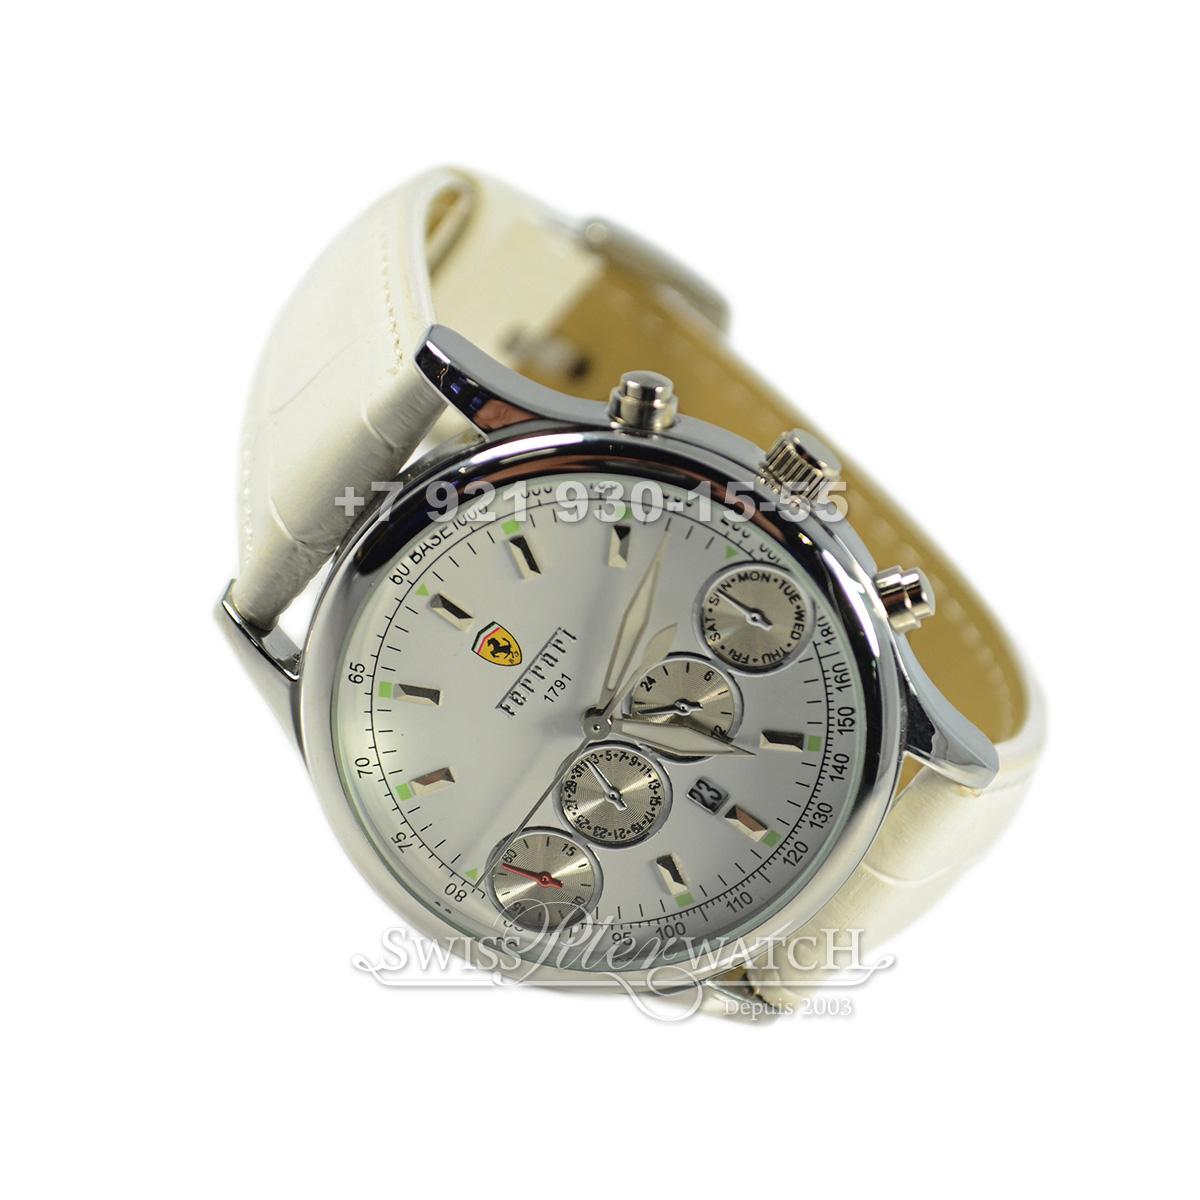 6d90f13b Купить Ferrari 027.009 (копия) в интернет-магазине часов в Санкт-Петербурге